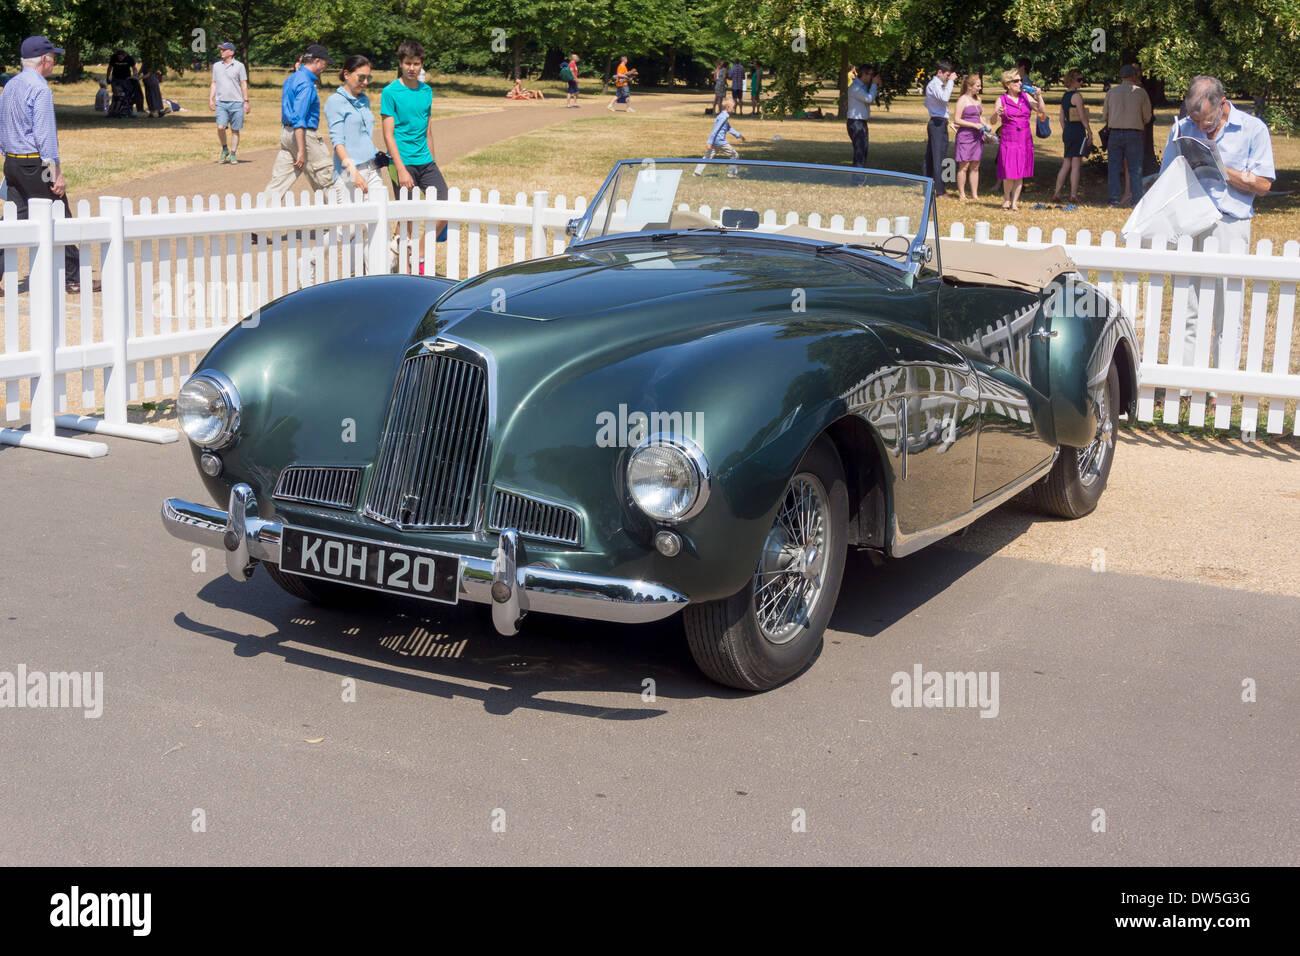 Two Liter Aston Martin Sports Db1 1948 1950 Aston Martin Stock Photo Alamy